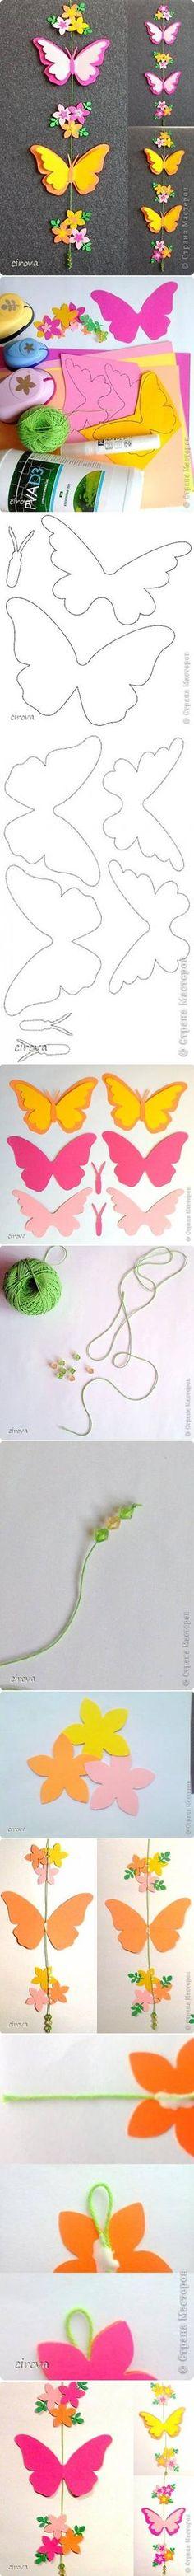 Bekijk de foto van JufJet95 met als titel Vrolijke vlinders om zelf te maken! en andere inspirerende plaatjes op Welke.nl.